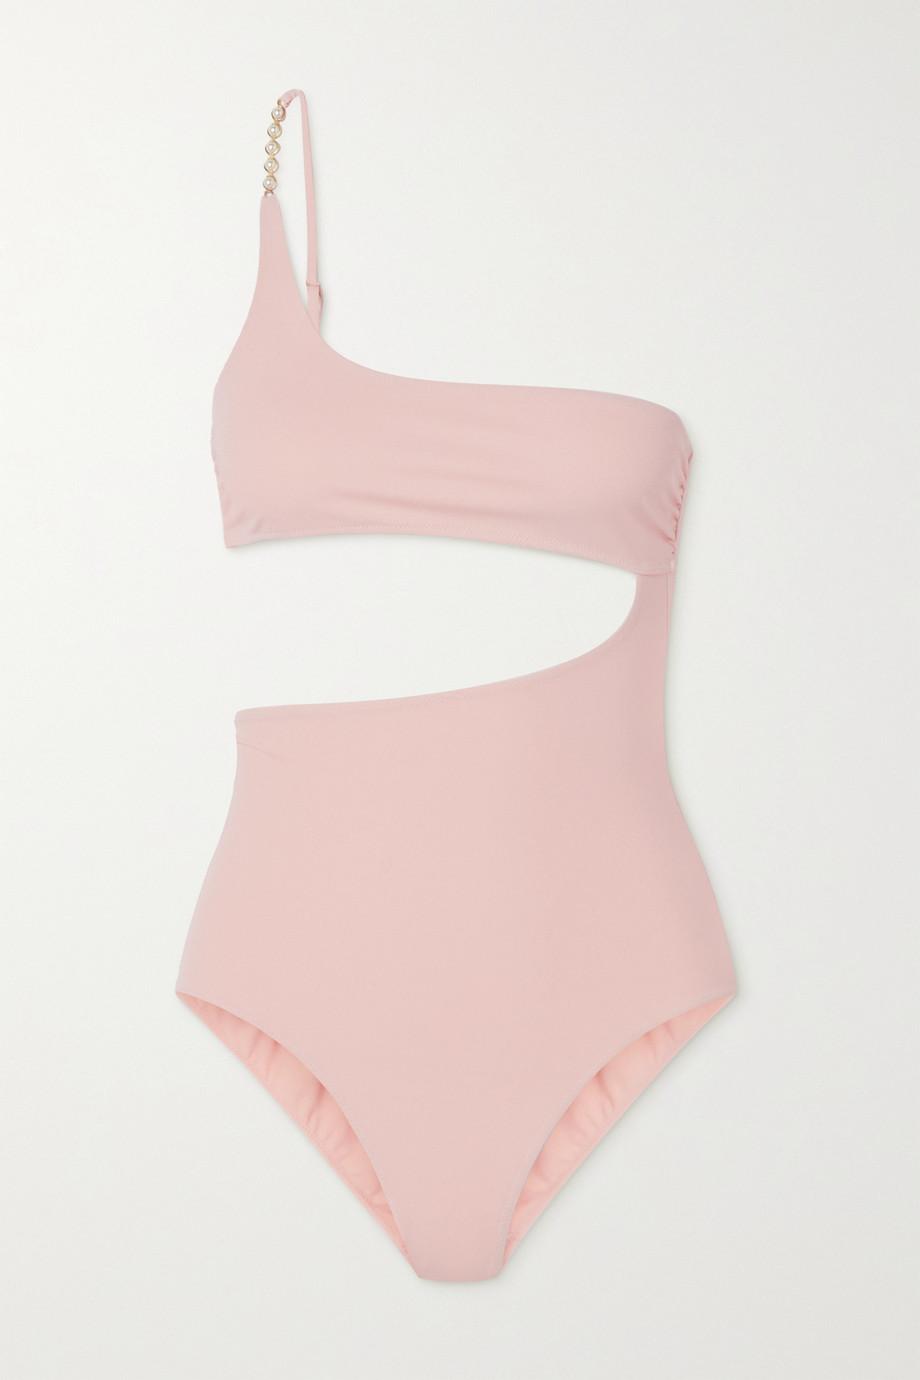 Stella McCartney + NET SUSTAIN Verzierter Badeanzug aus Stretch-ECONYL® mit Cut-out und asymmetrischer Schulterpartie